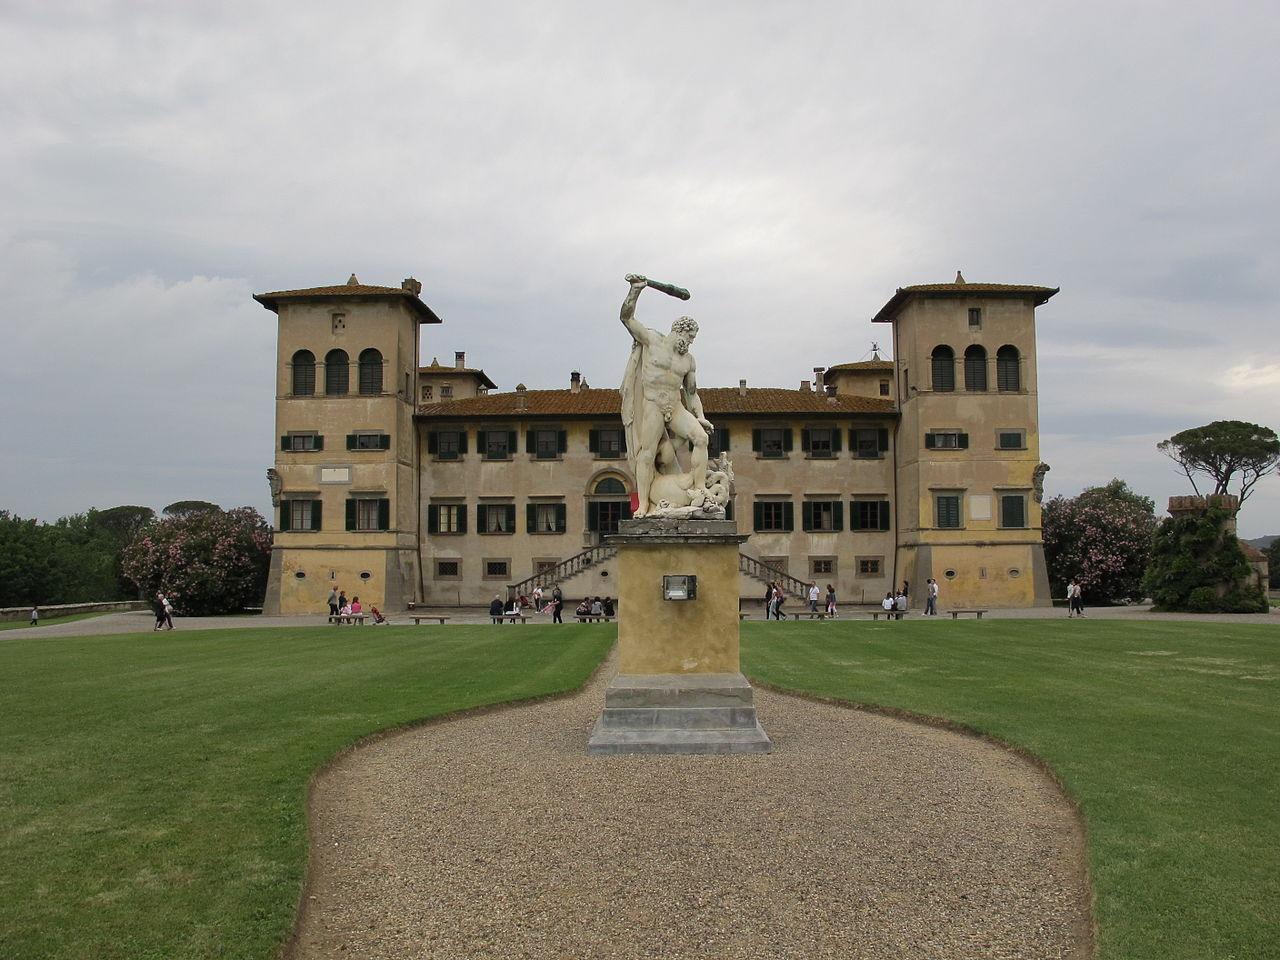 Villa Niccolini